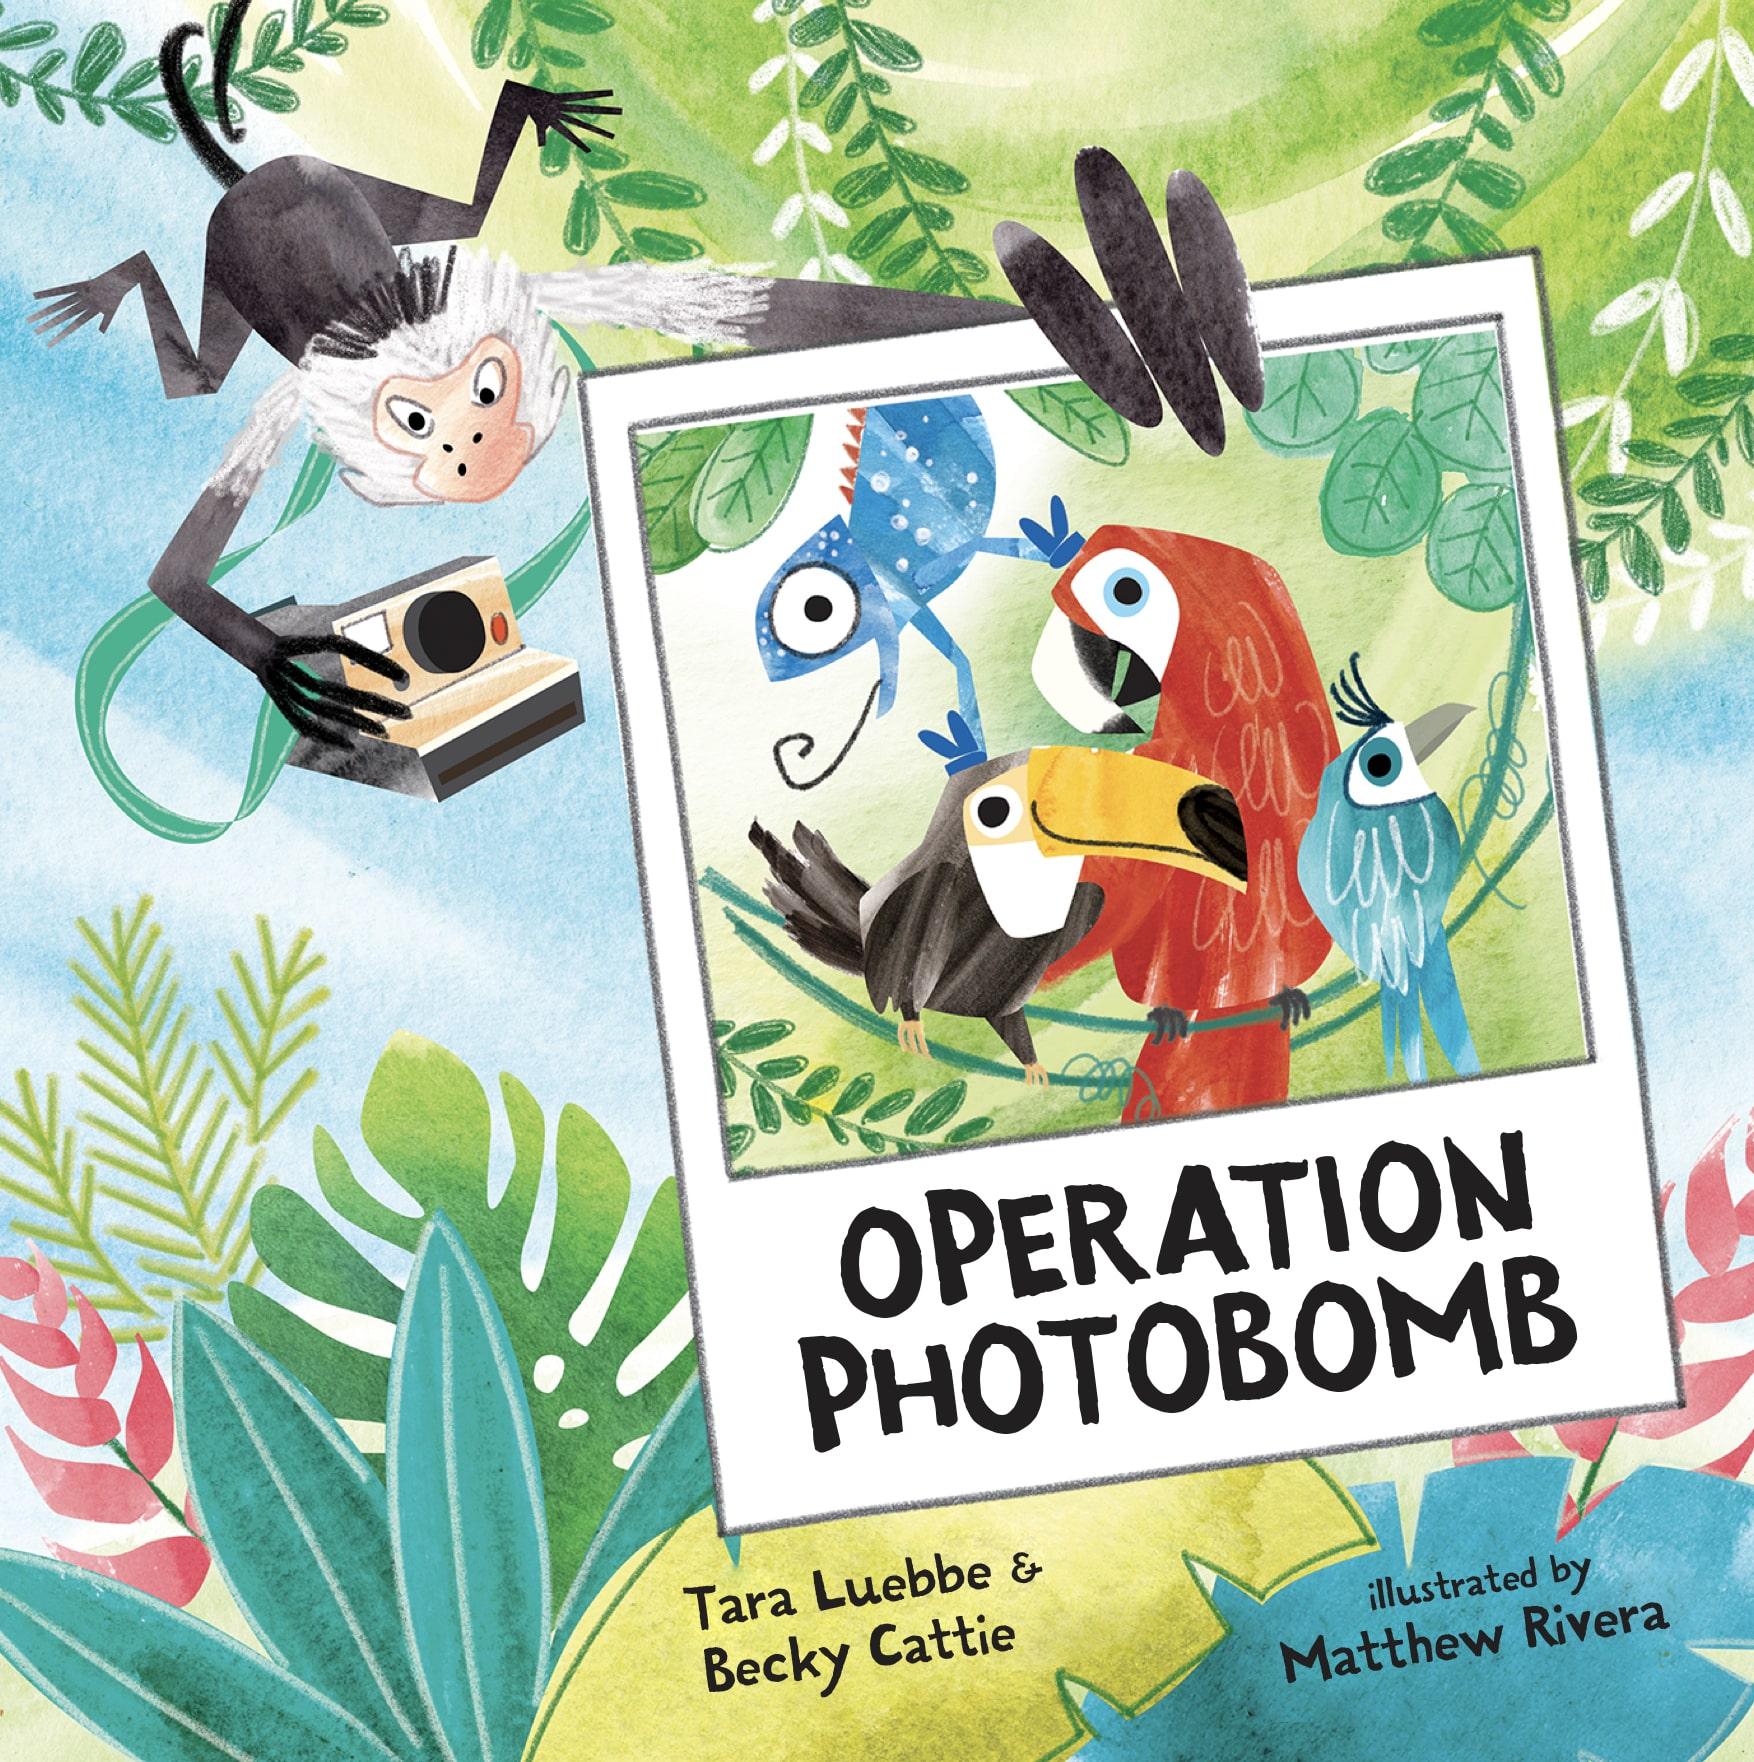 Operation Photobomb by Tara Luebbe & Becky Cattie